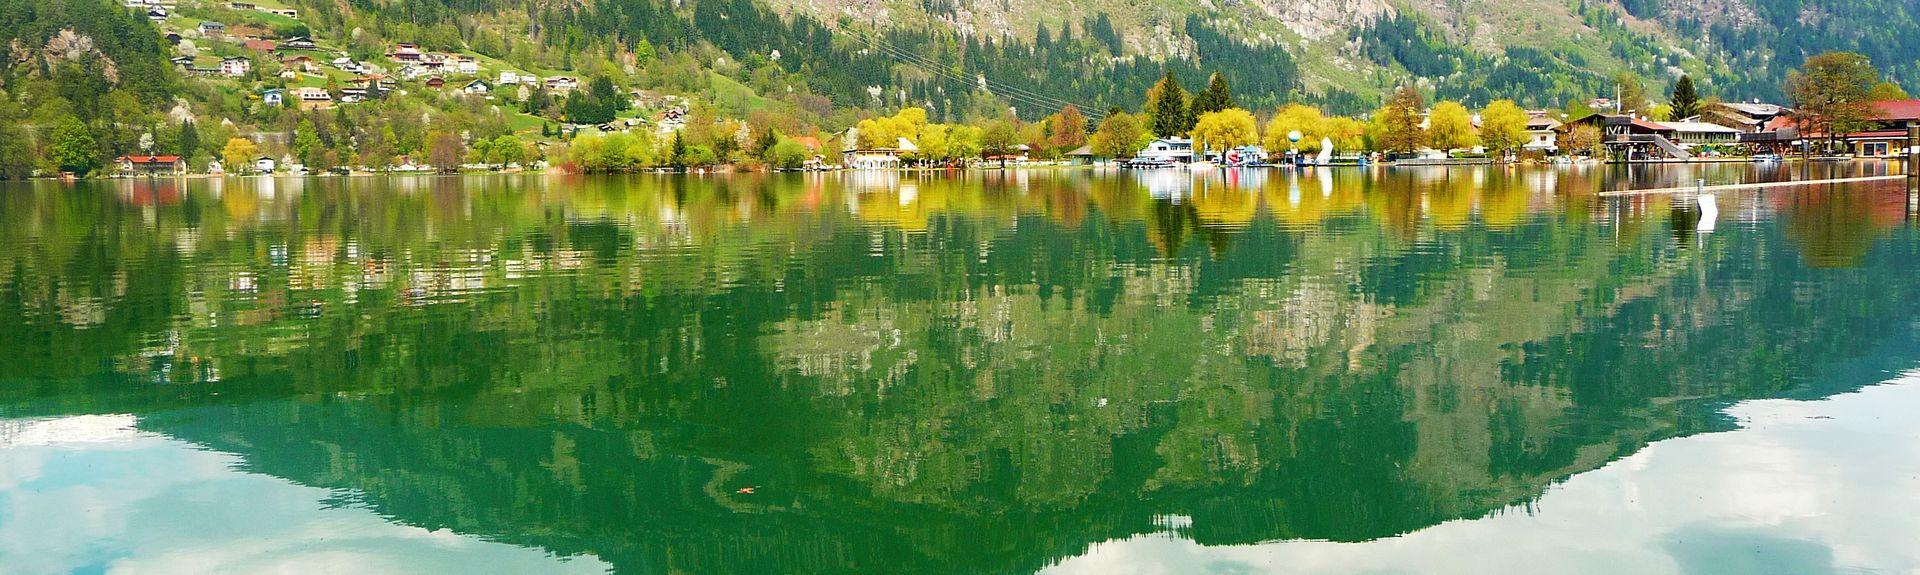 Gemeinde Gmünd in Kärnten, Austria